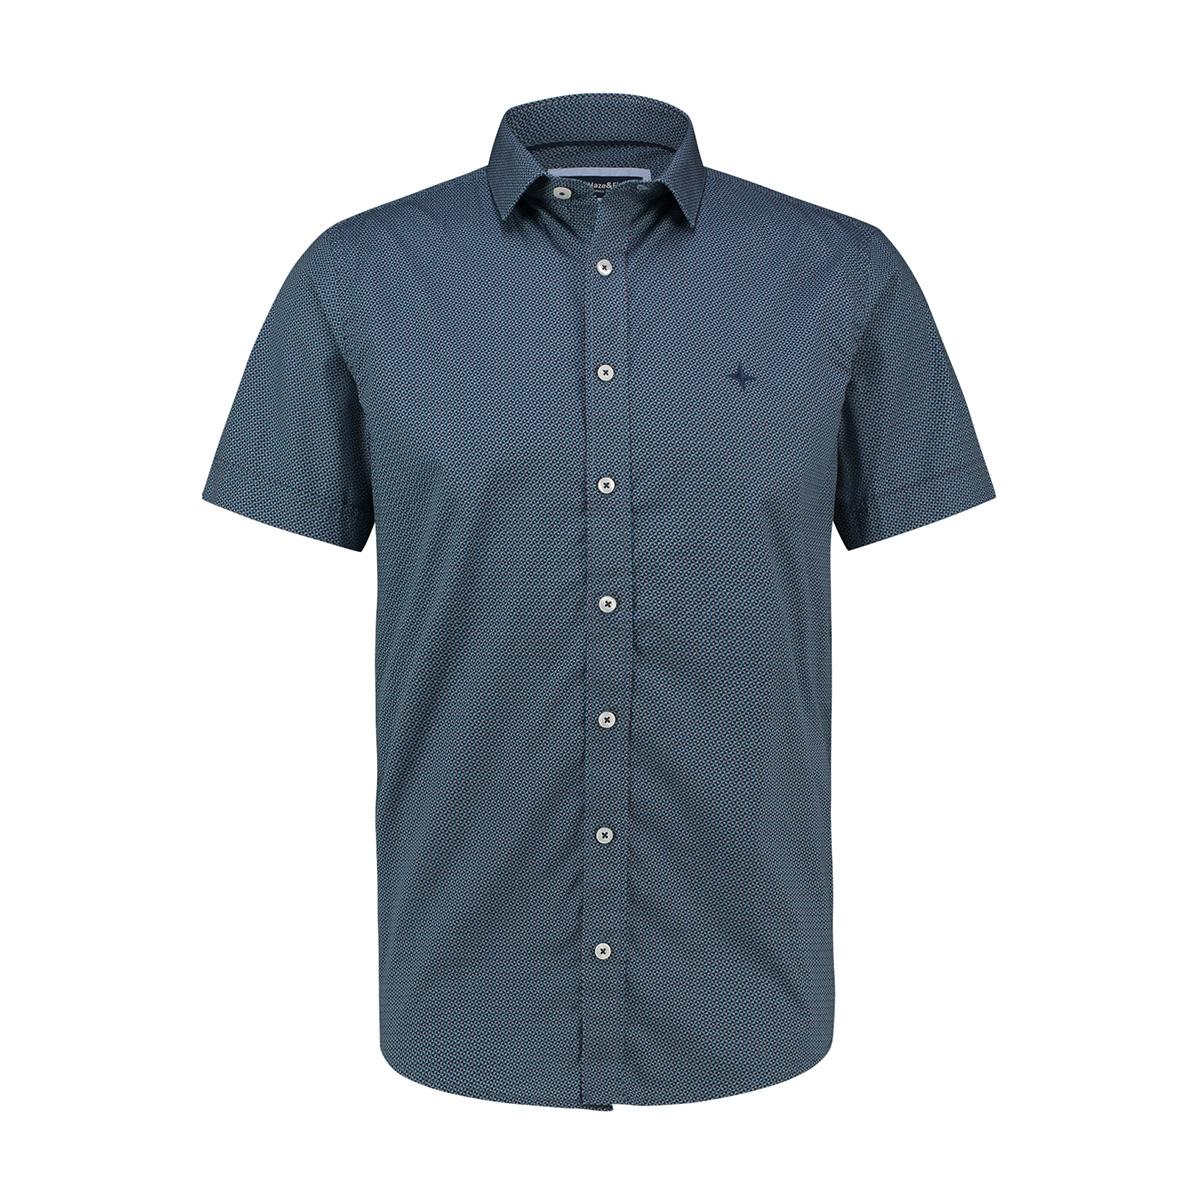 shirt aop stretch mc13 0105 06 haze & finn overhemd bowtie light indigo